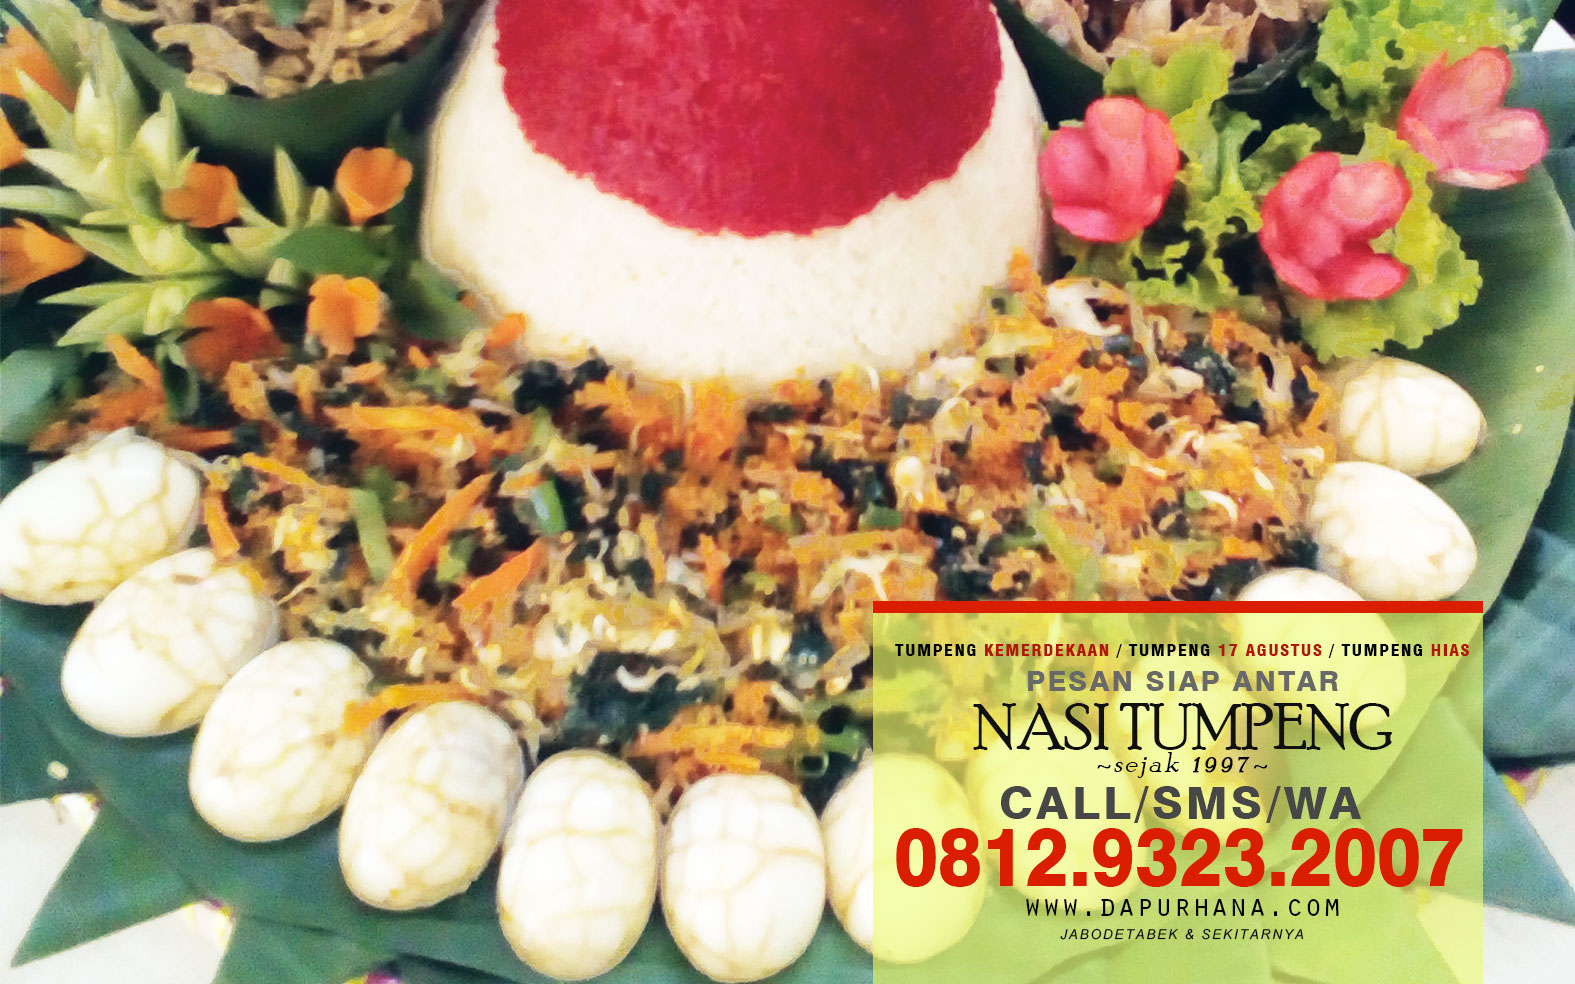 Pesan Nasi Tumpeng, Tumpeng Hias Merah Putih, Nasi Tumpeng